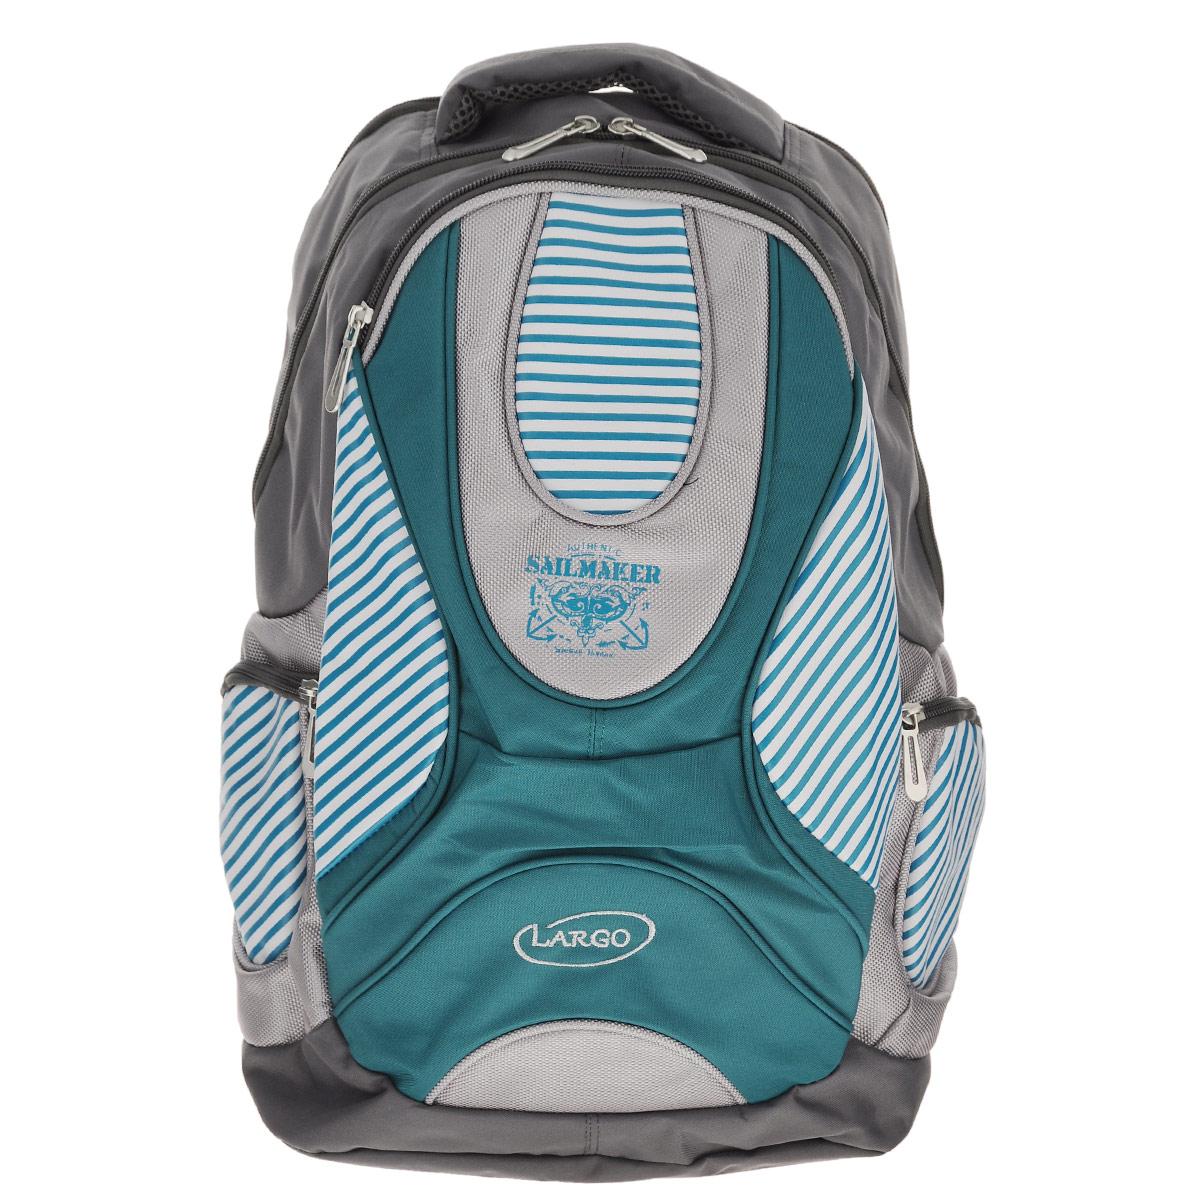 Рюкзак подростковый Proff Largo, цвет: серый, зеленый. LG-BPA-26LG-BPA-26Рюкзак подростковый Proff Largo выполнен из плотного текстиля серого цвета с вставками зеленого и белого цвета. Рюкзак оснащен двумя вместительными основными отделениями. На внешней стороне рюкзака расположен глубокий накладной карман на застежке-молнии. По бокам ранца расположены накладные внешние карманы, закрывающиеся на молнии. Благодаря комфортной ортопедической спинке и двум мягким плечевым ремням, длина которых регулируется, у ребенка не возникнут проблемы с позвоночником. Также рюкзак снабжен мягкой ручкой для удобной переноски.